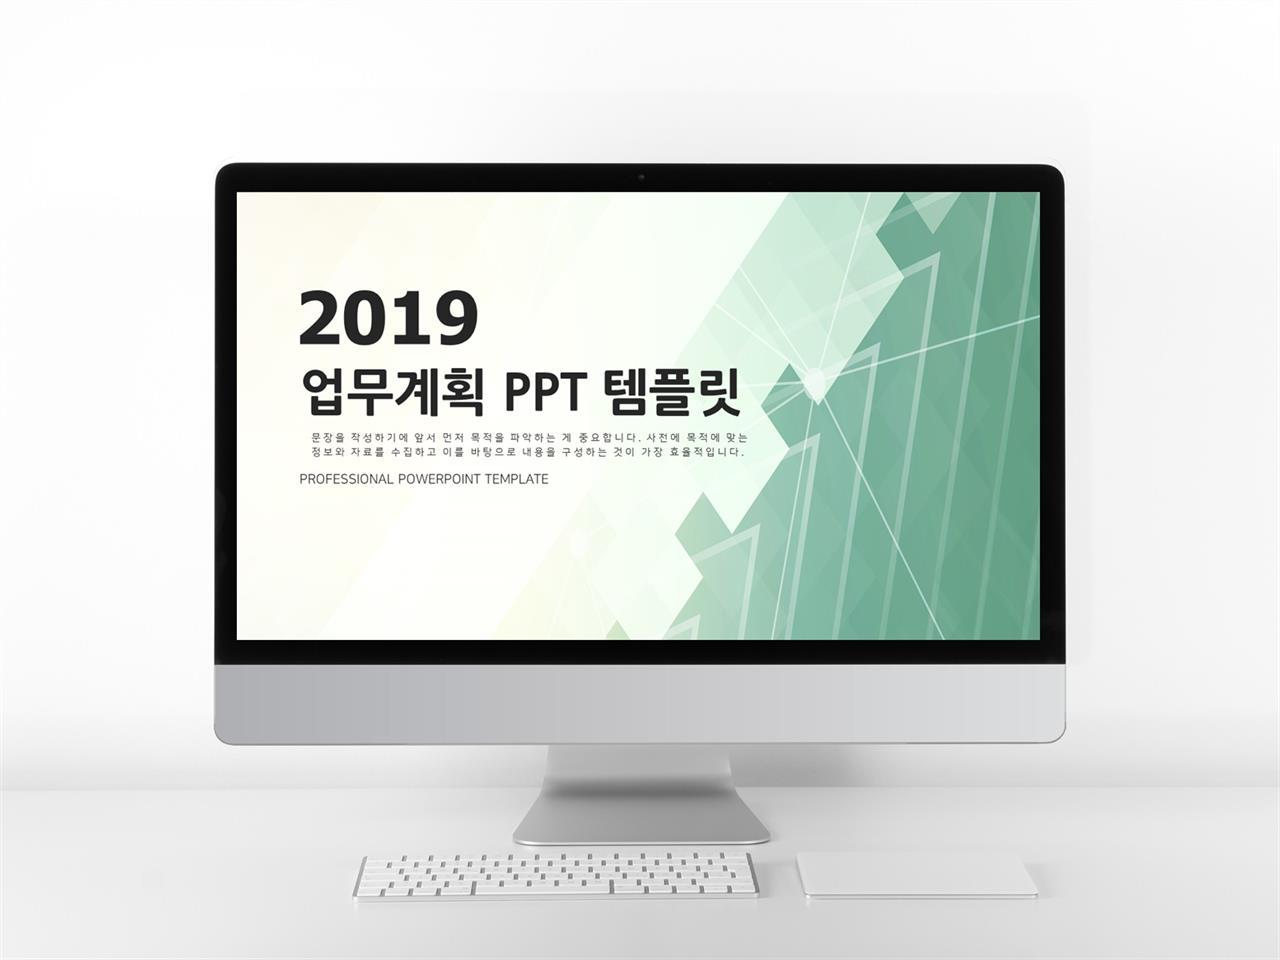 일정관리 초록색 알뜰한 시선을 사로잡는 PPT탬플릿 만들기 미리보기